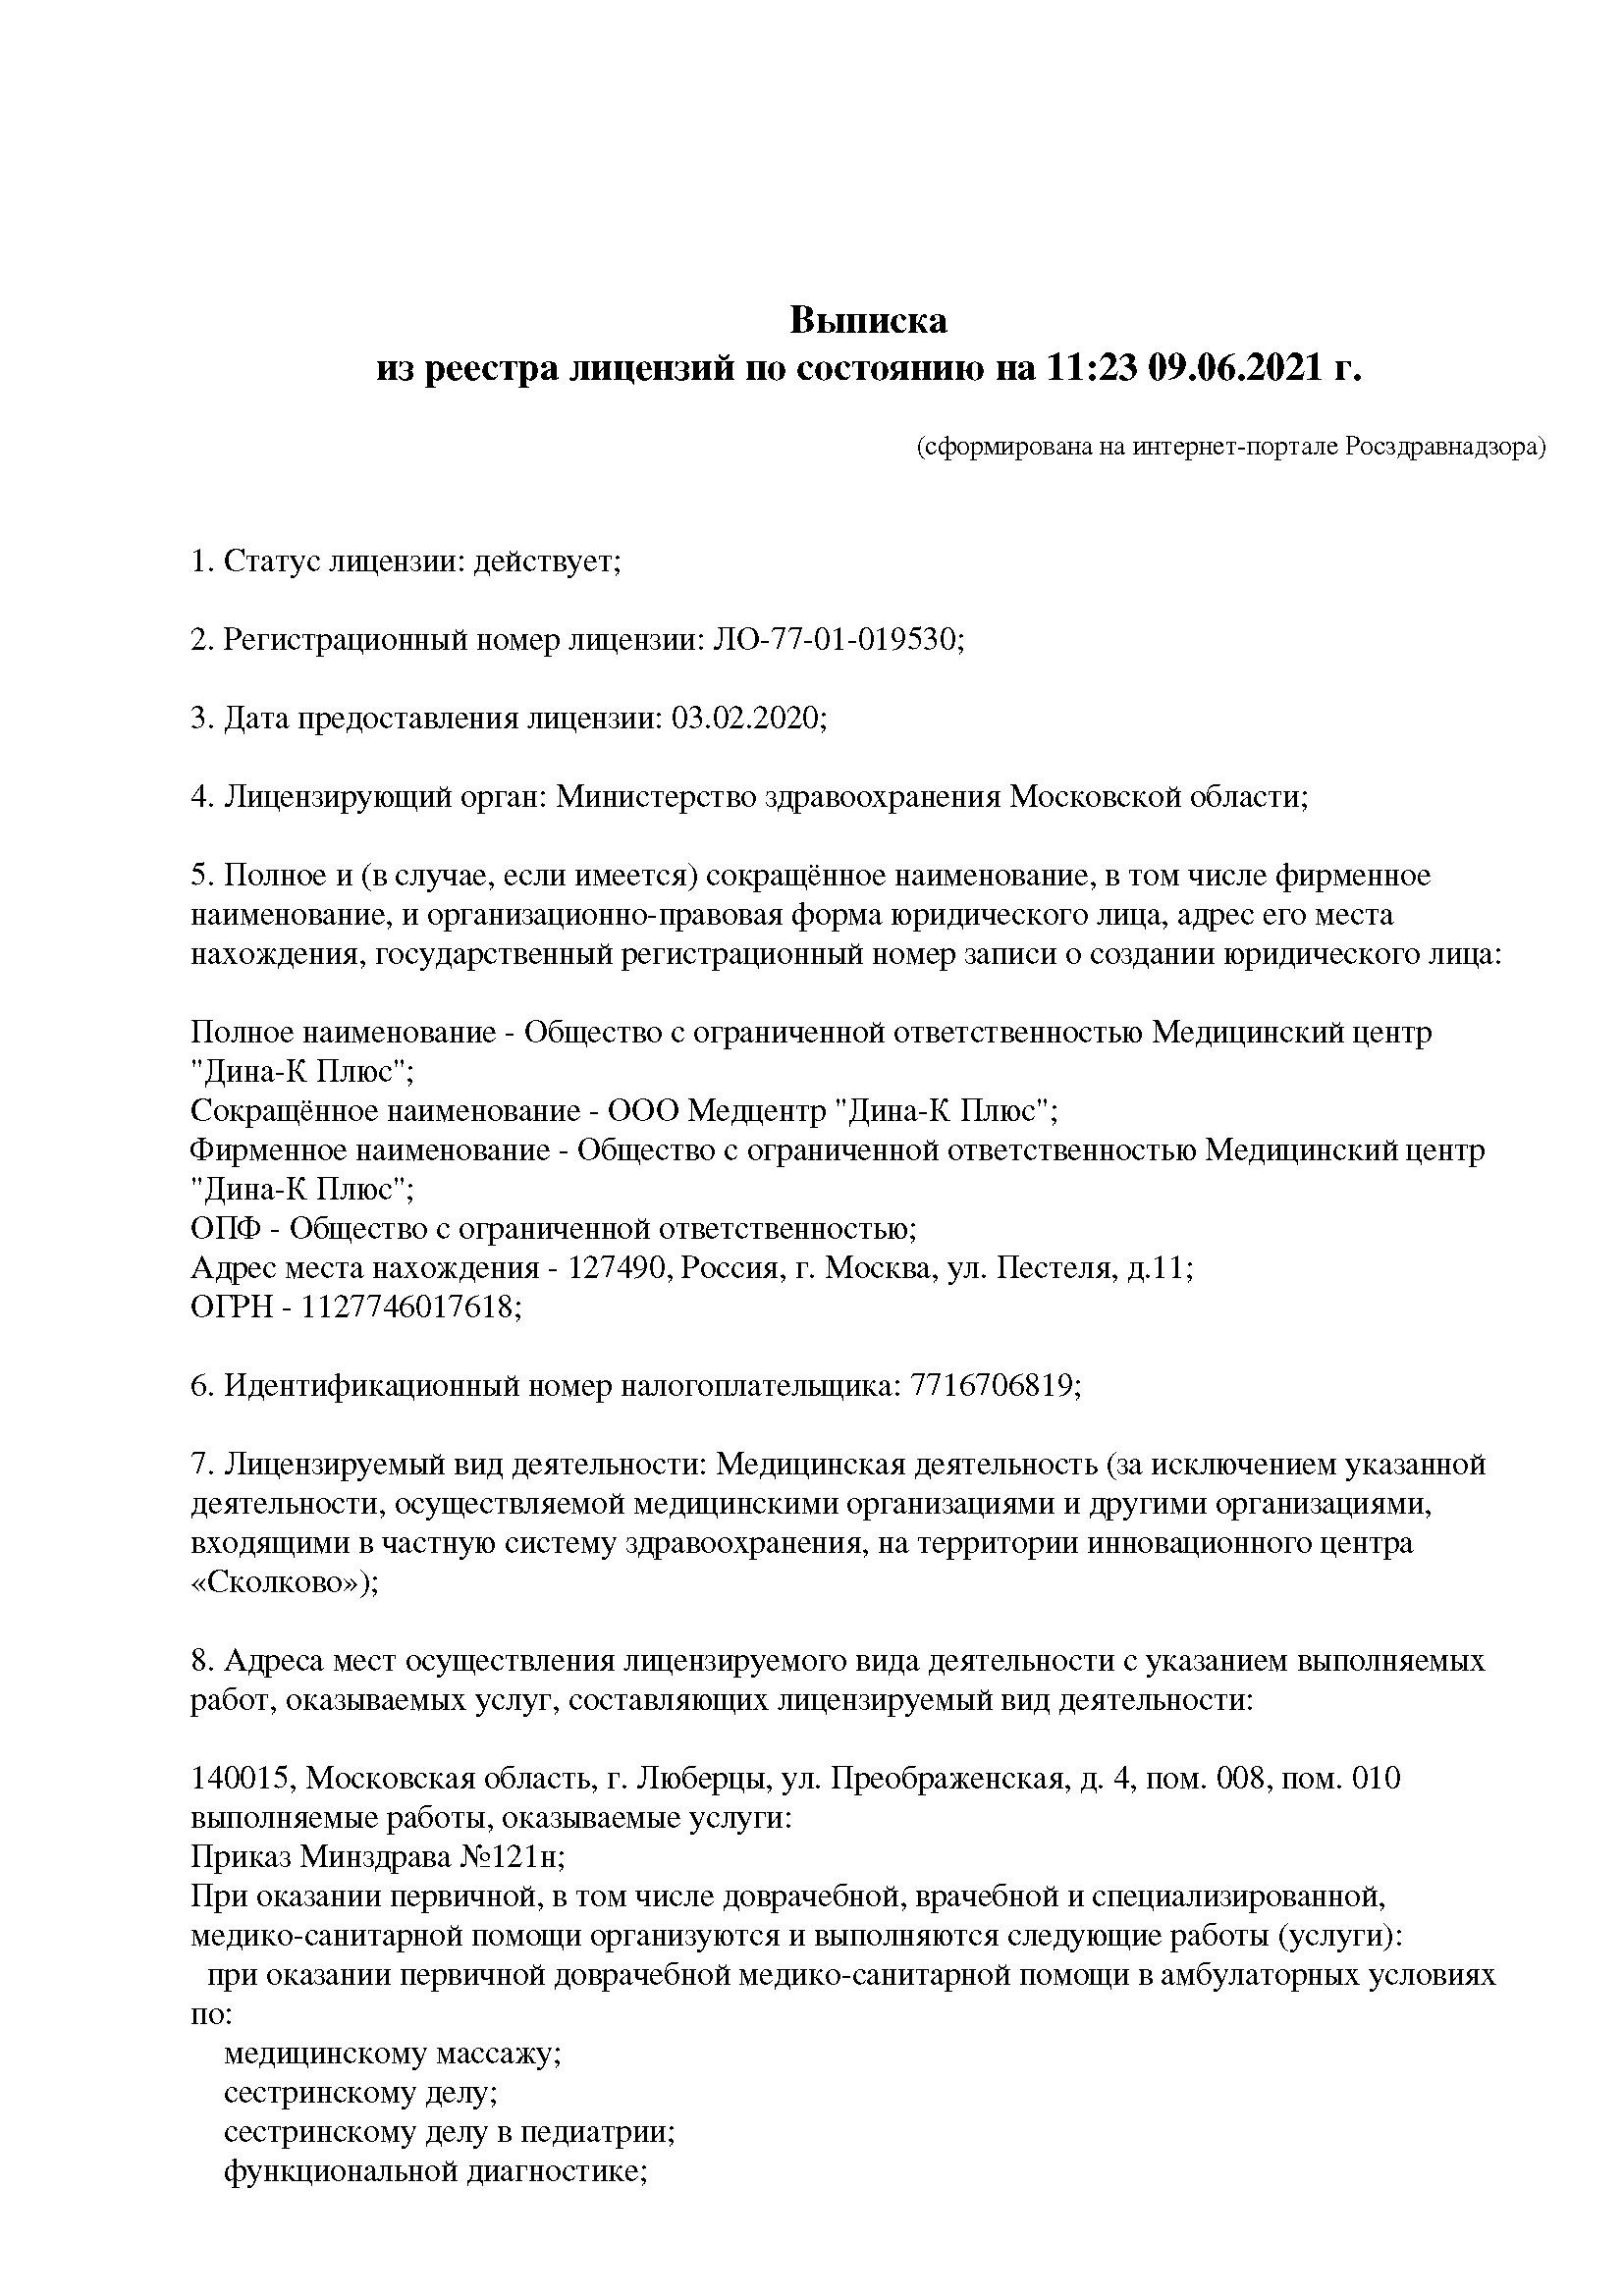 Выписка из реестра ООО Медцентр «Дина-К Плюс» - страница 1